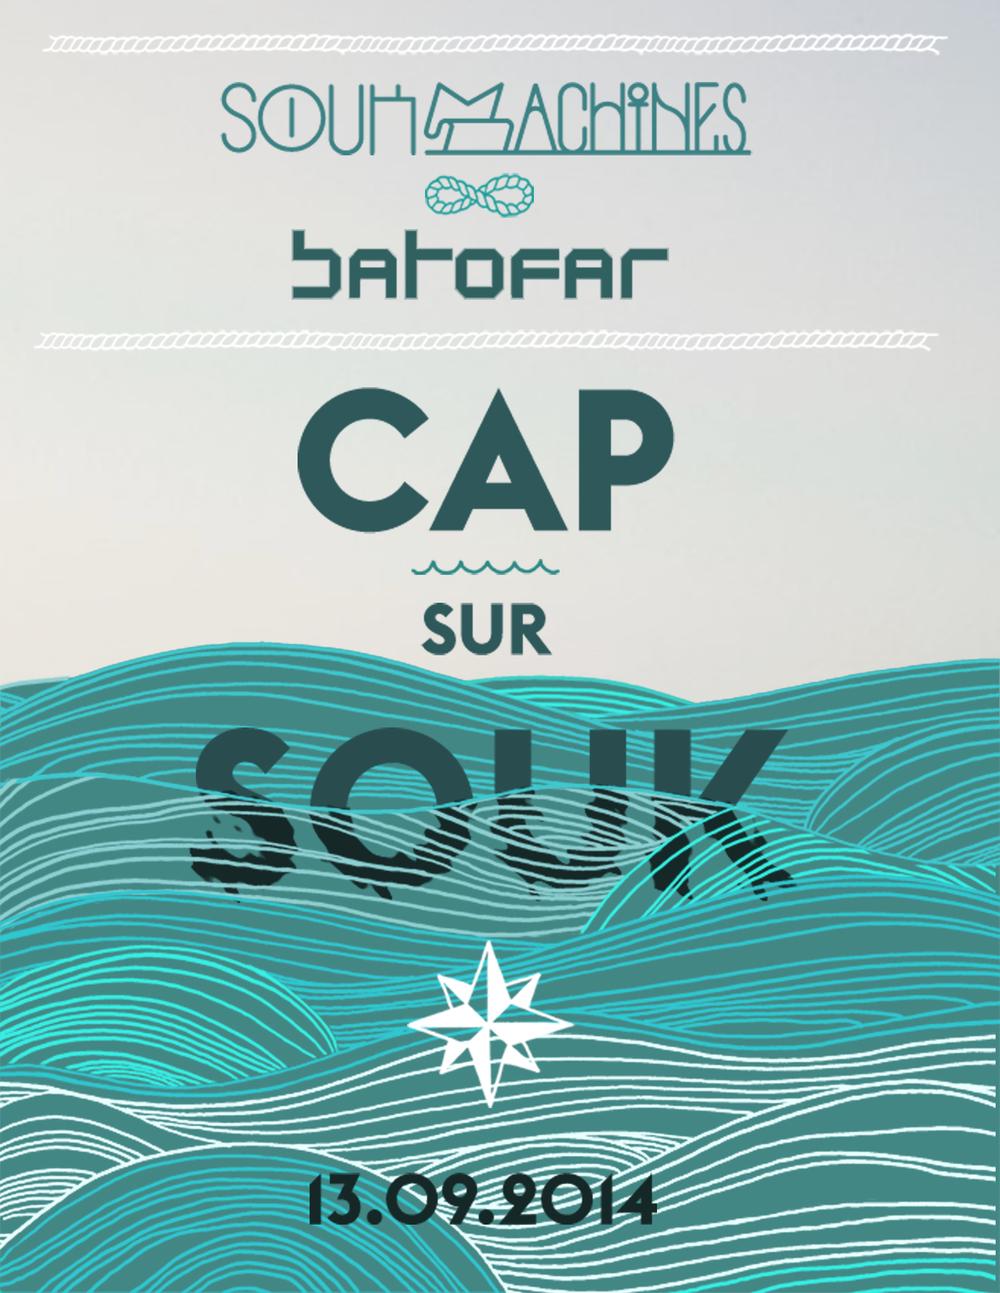 Cap sur le Souk, un événement Soukmachines au Batofar à Paris.